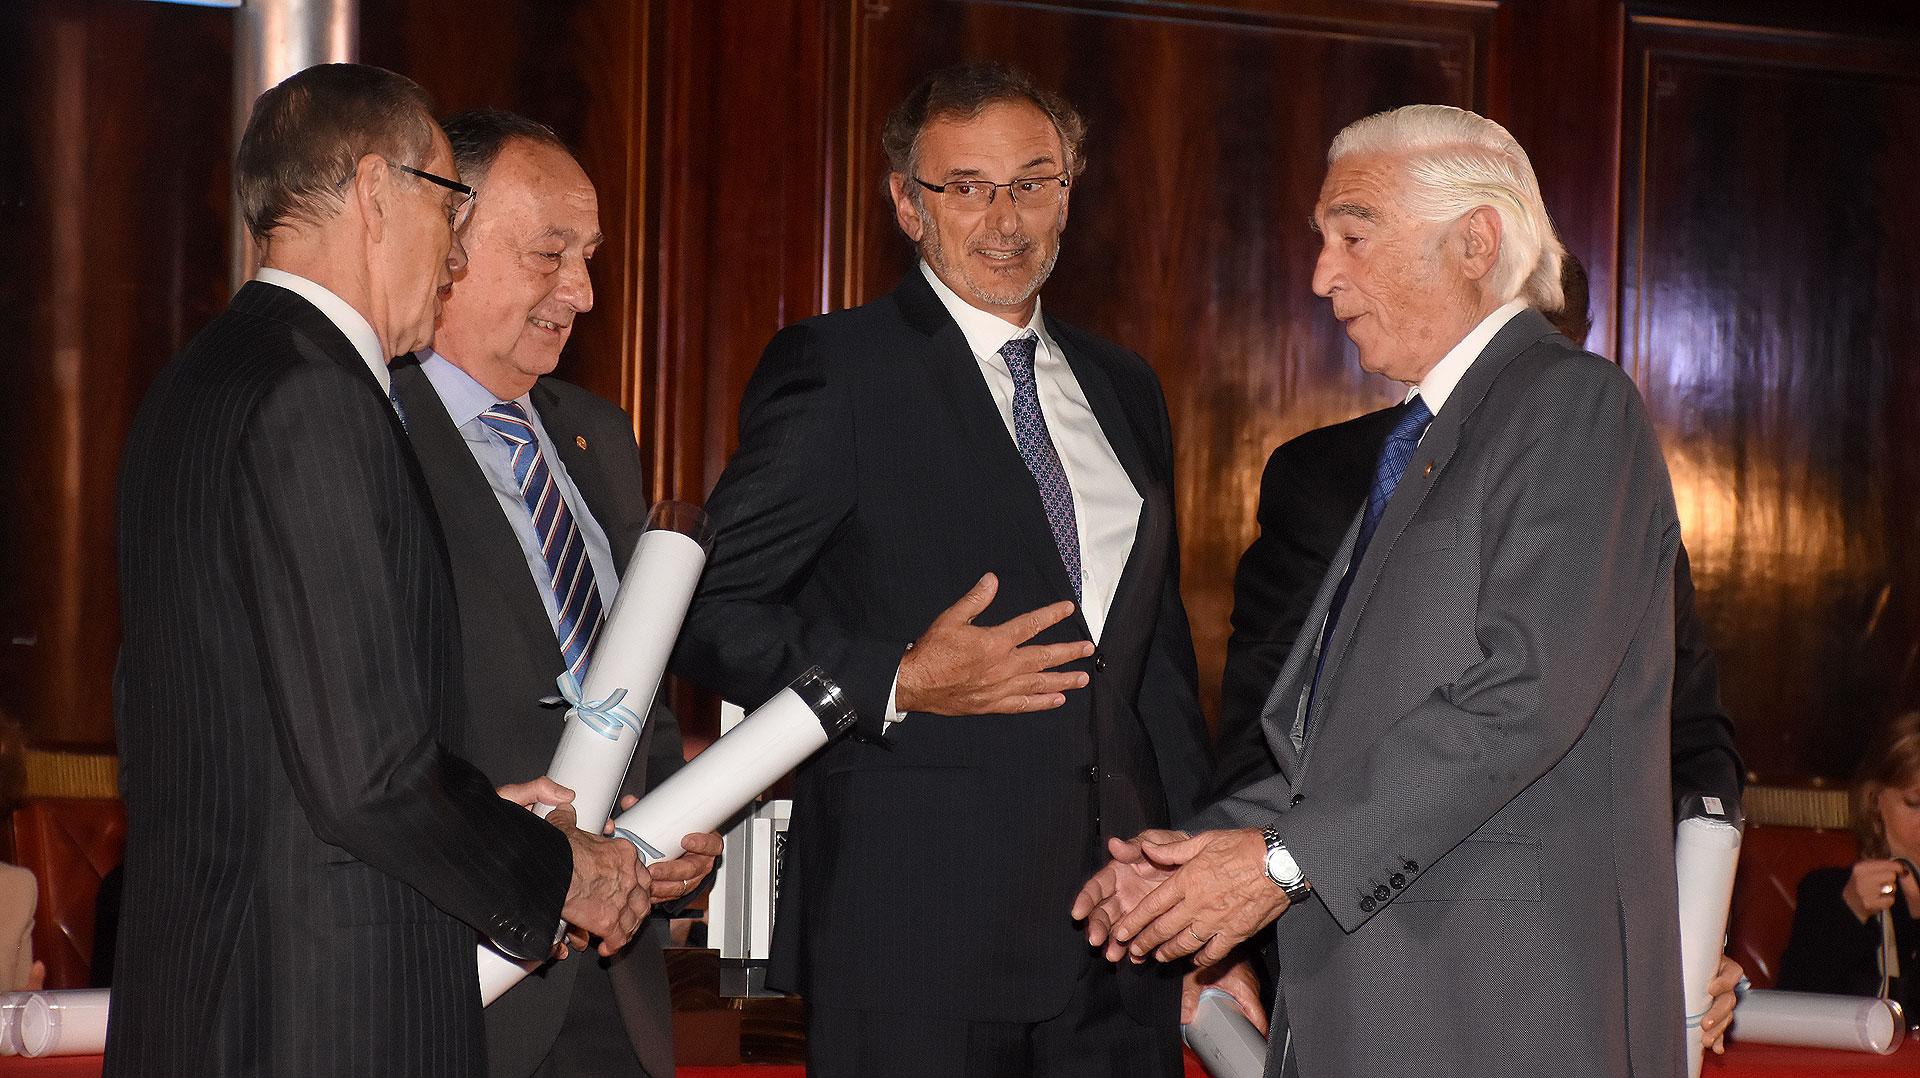 Adalberto Rodríguez Giavarini junto a Miguel Acevedo, Claudio Cesario y Luciano Miguens